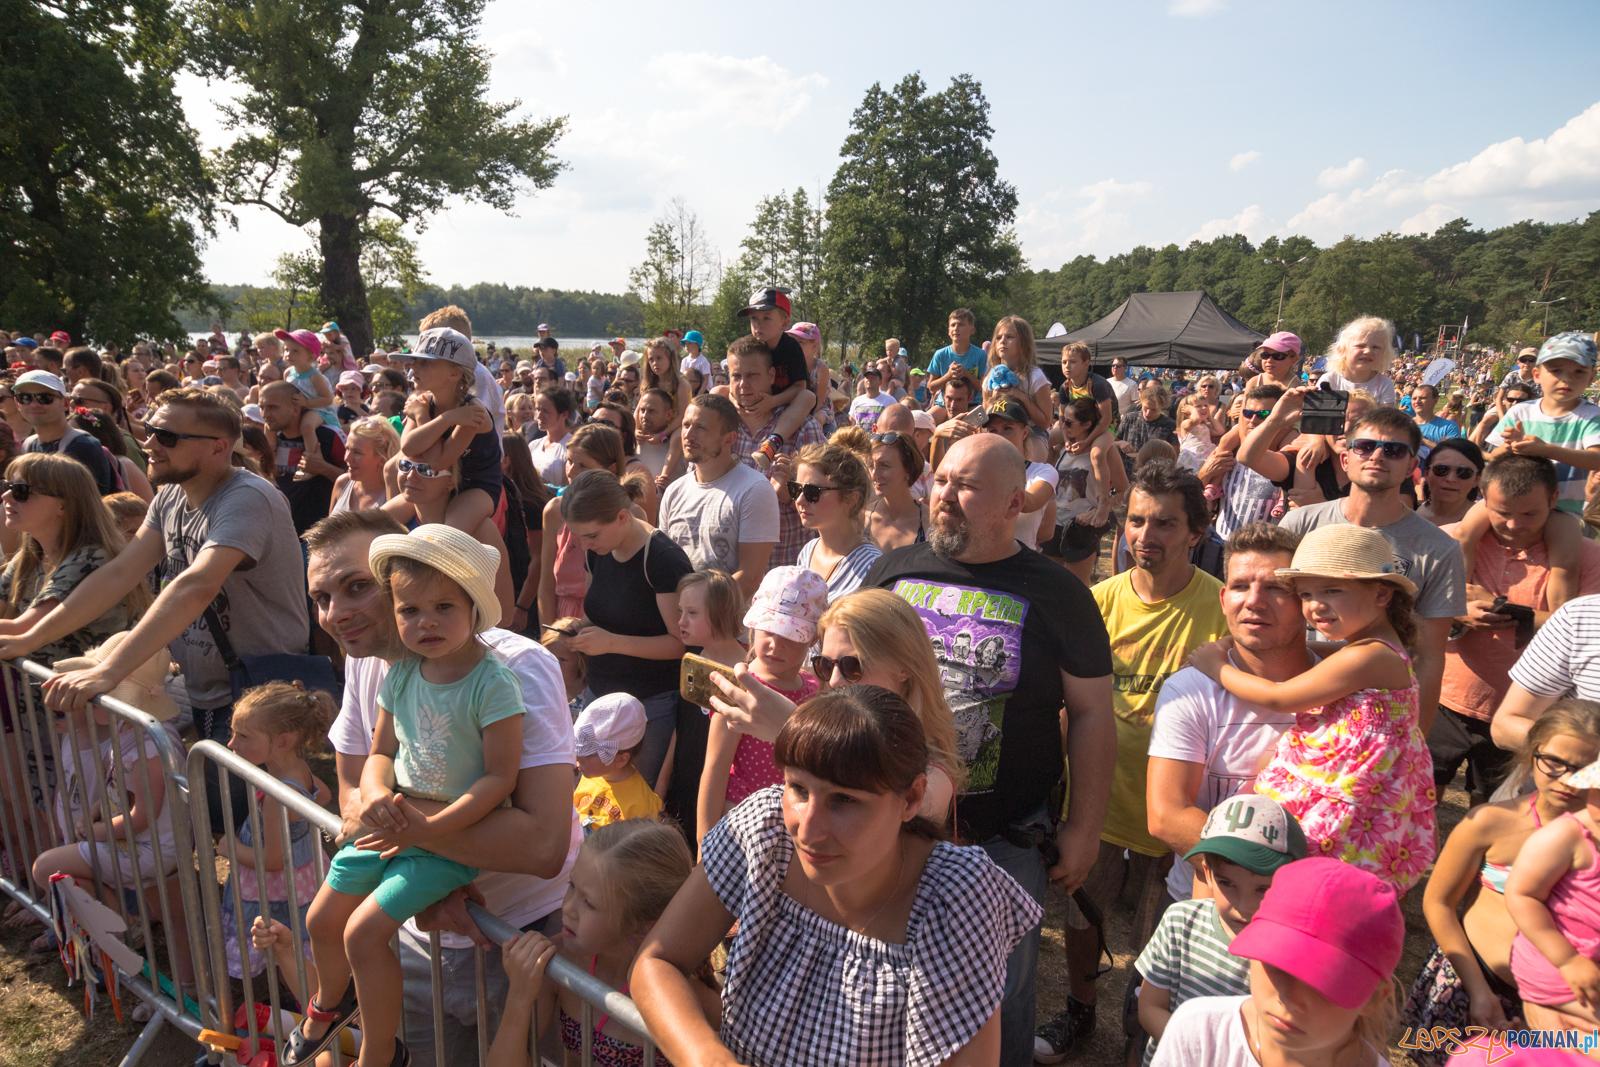 #NaFalach - Luxfest - Kowczeg Noja  Foto: lepszyPOZNAN.pl/Piotr Rychter